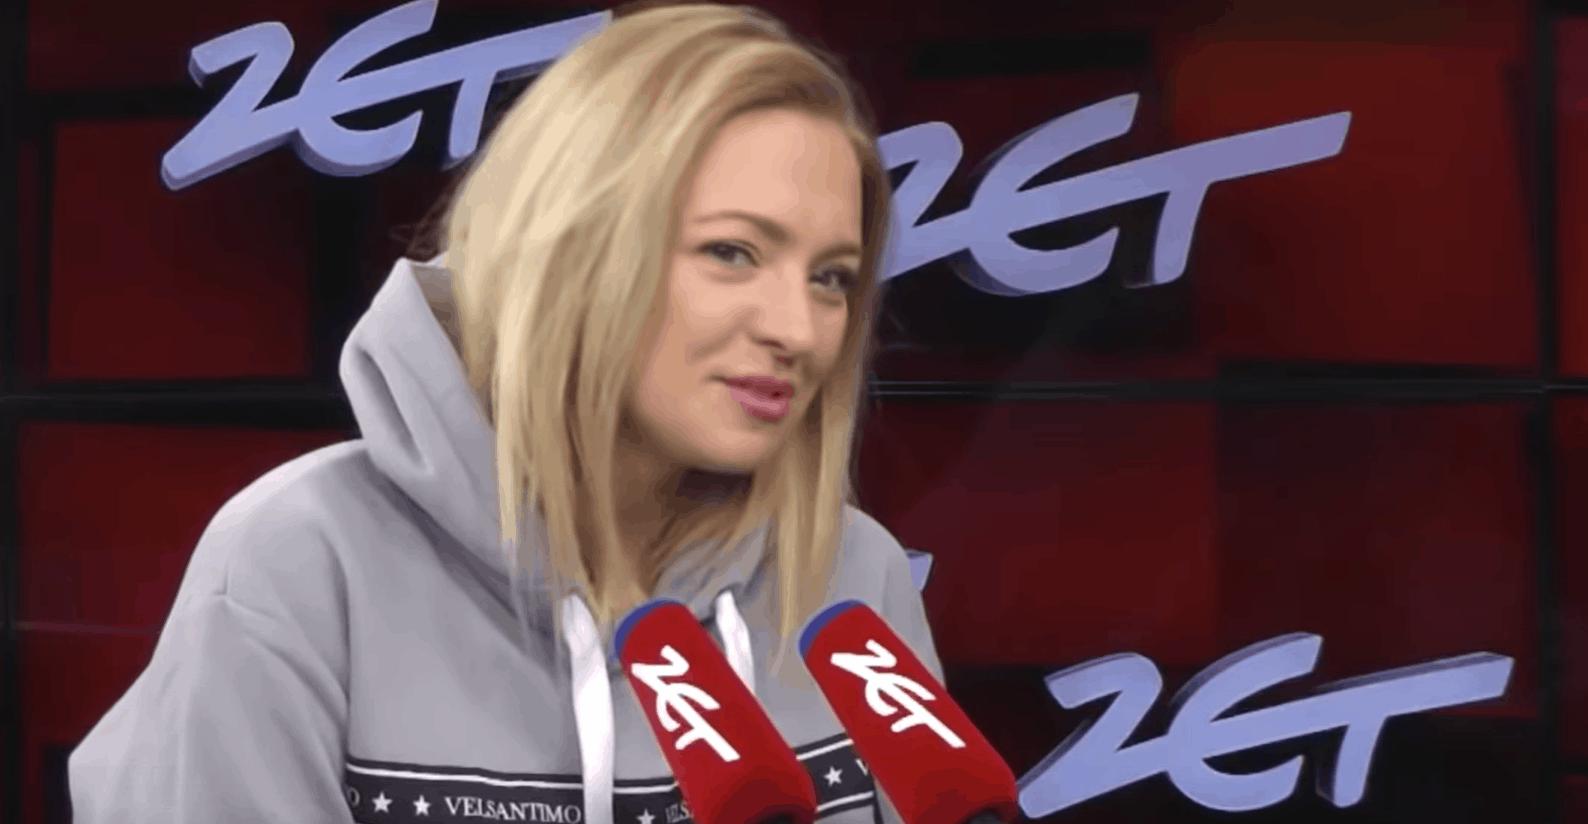 Barbara Kurdej-Szatan spotyka się z nieprzychylnymi komentarzami, jej siostra nie wytrzymała i odpowiedziała na hejt na Insta, będzie kolejny skandal?